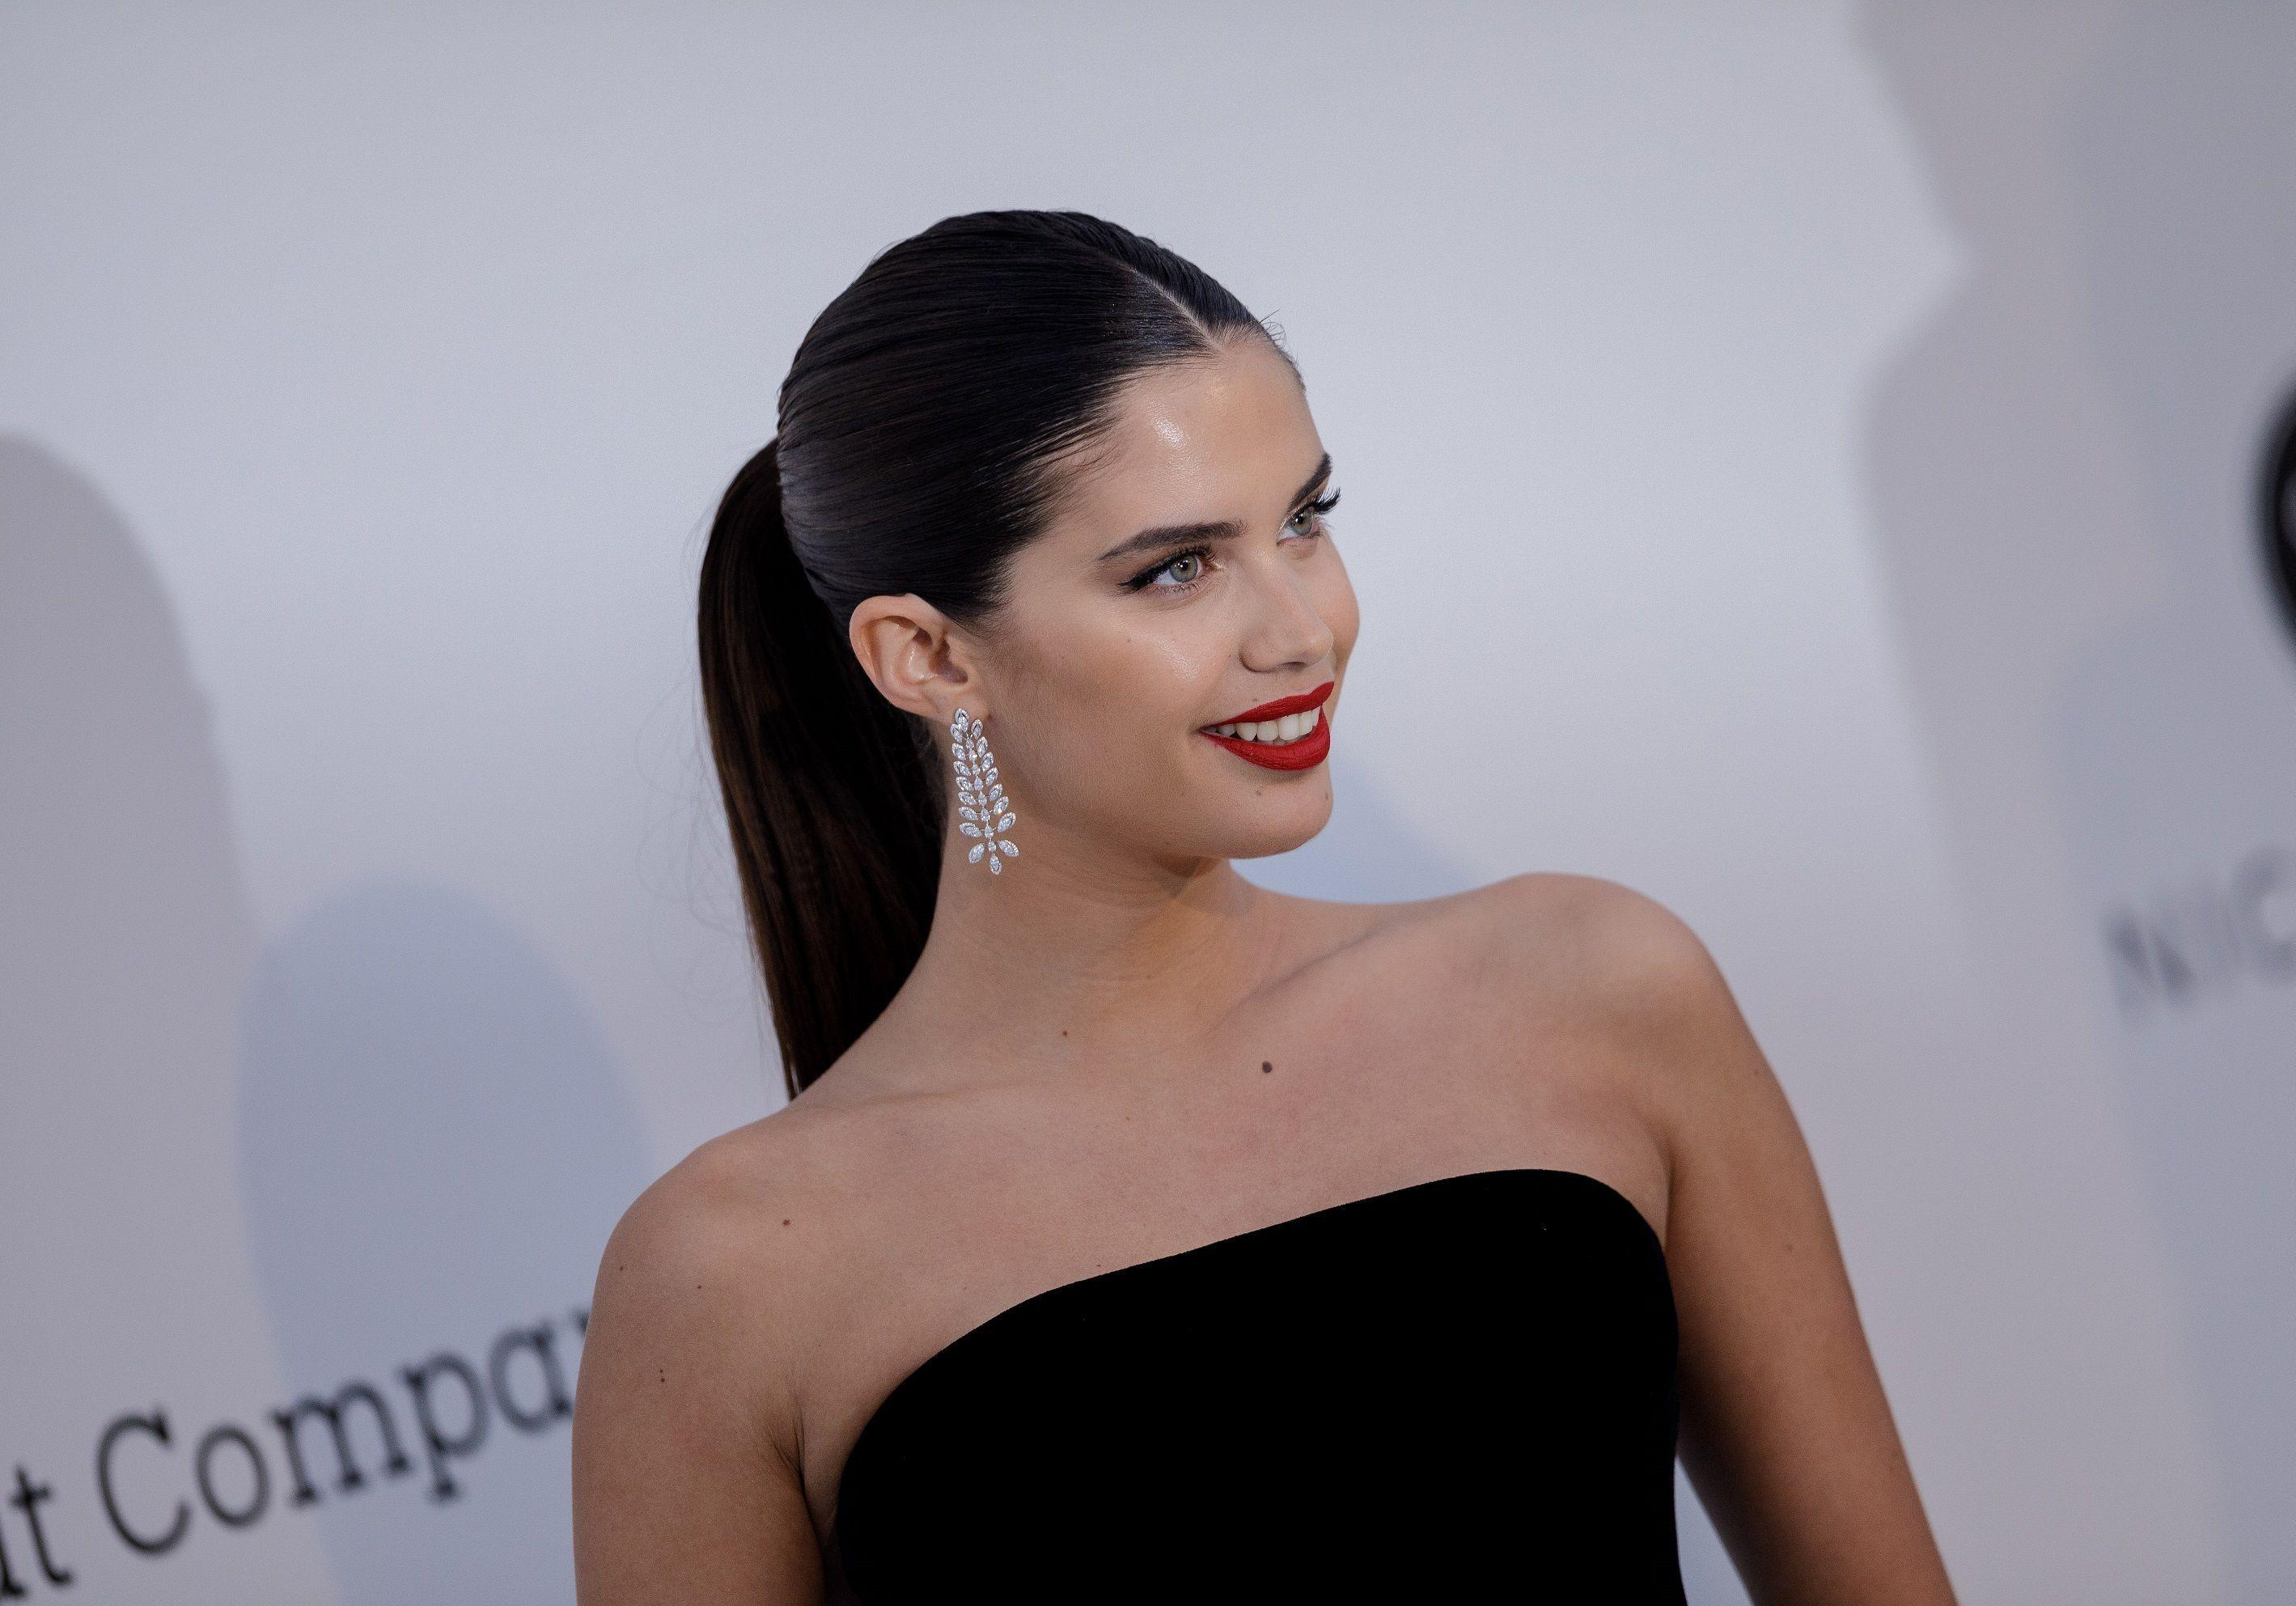 Les plus belles coiffures repérées au gala de l'AmfAR à Cannes